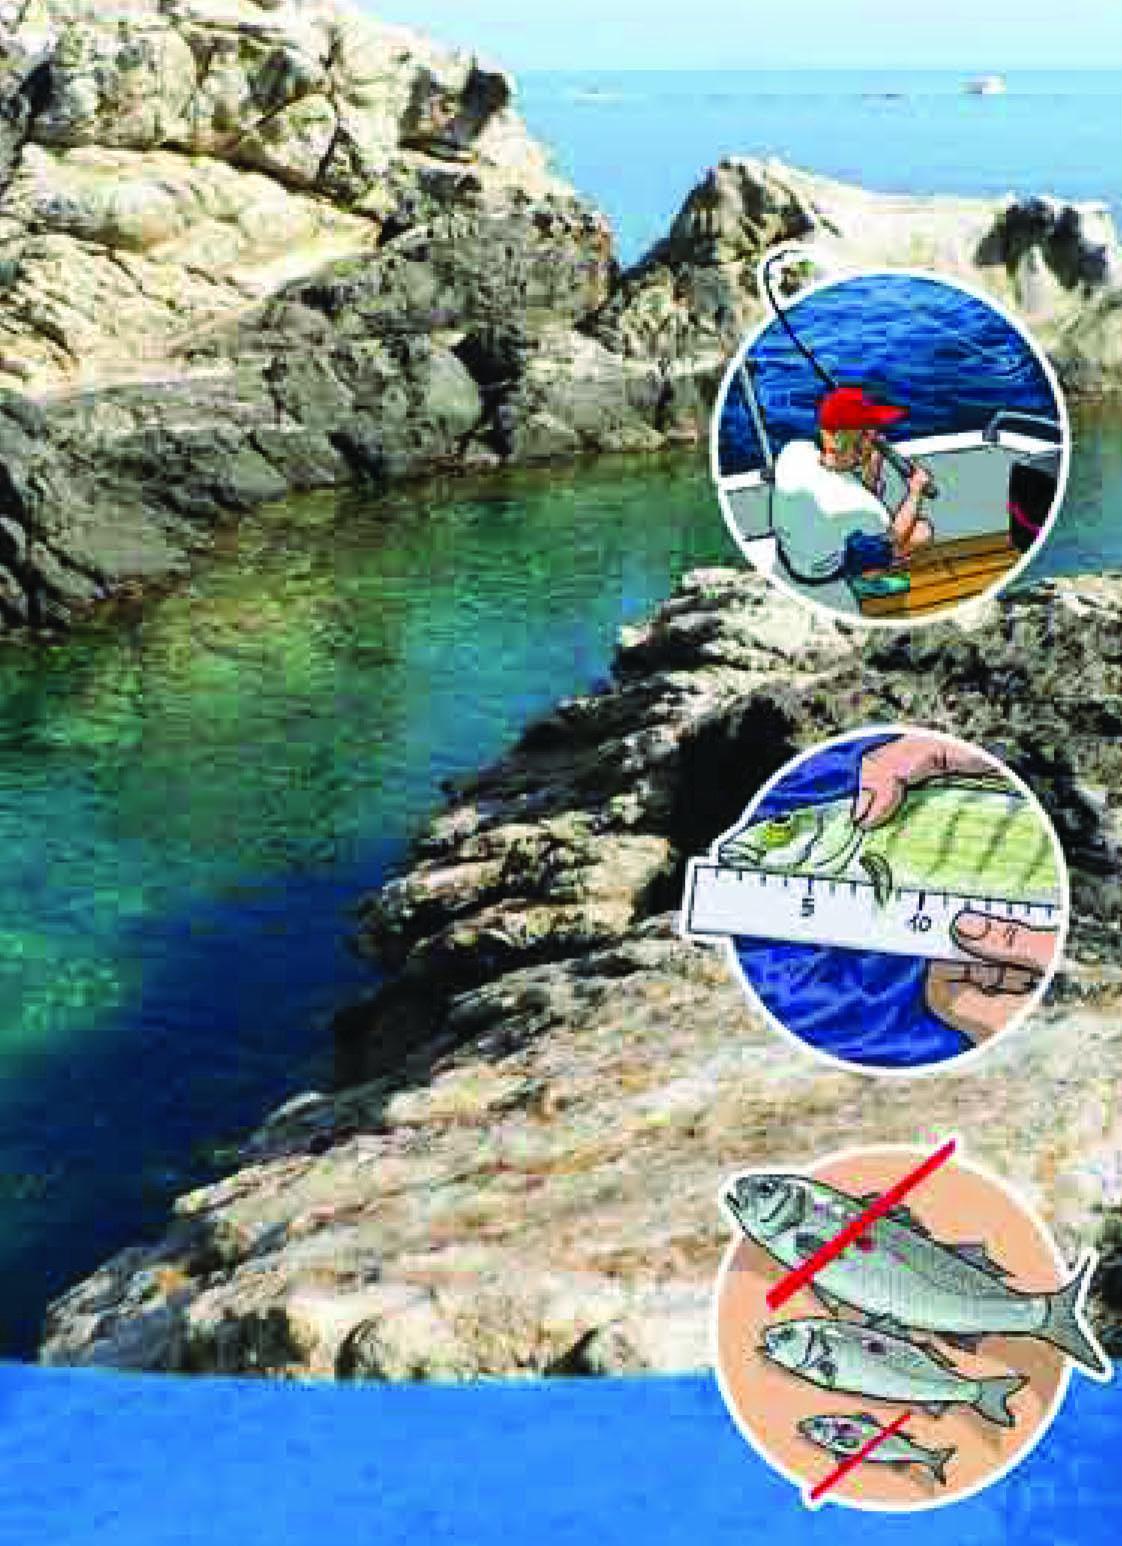 Roses inicia una campanya de conscienciació sobre pesca recreativa responsable amb el medi ambient